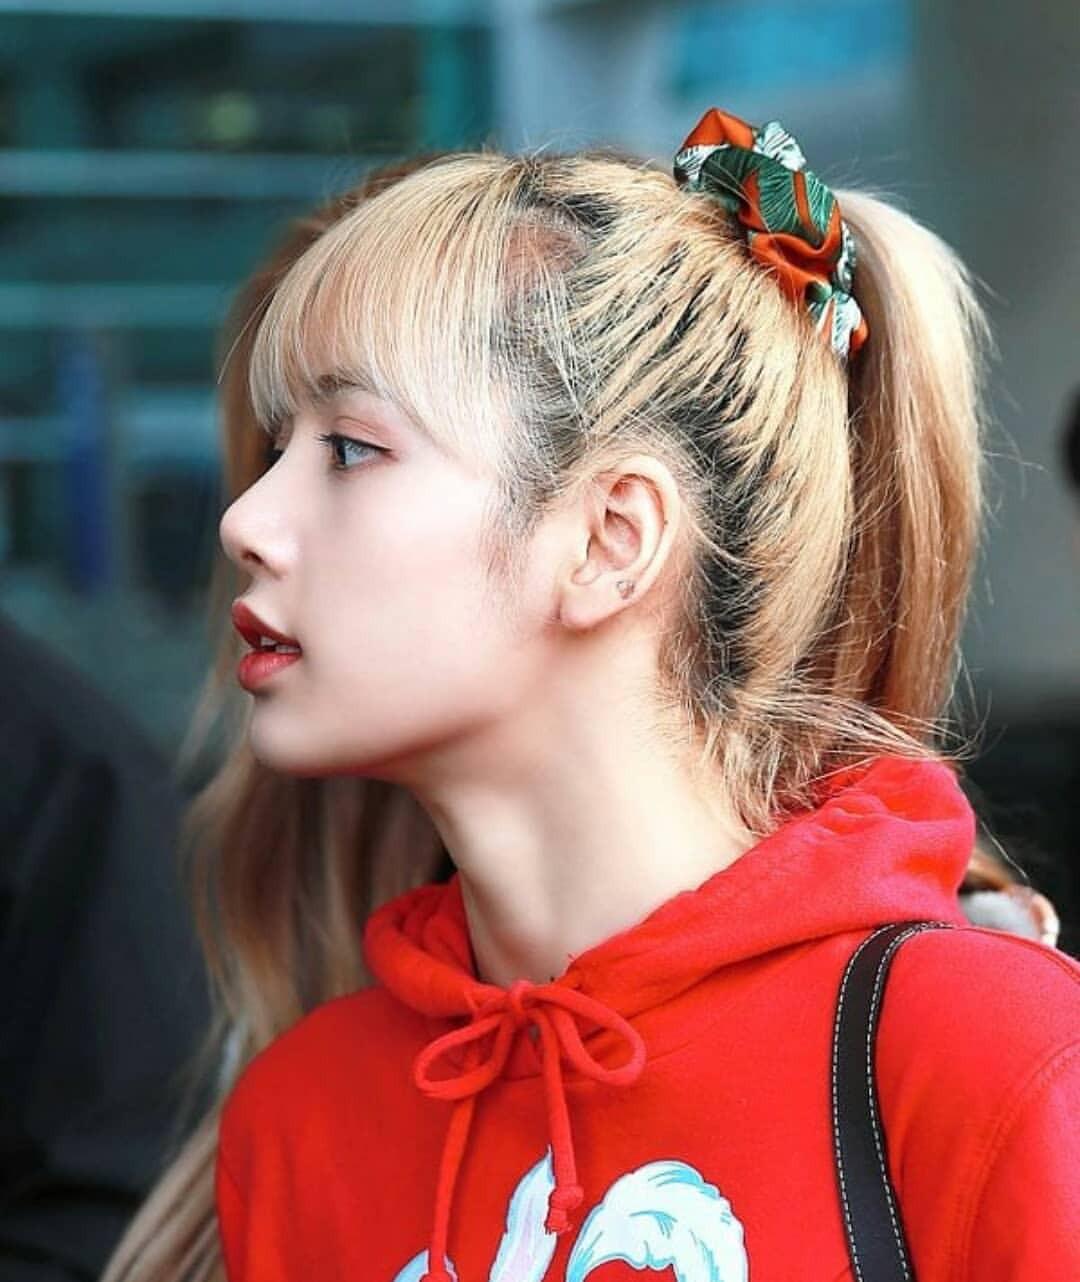 """Netizen Trung hoang mang: """"Hóa idol toàn hói?"""" khi biết sự thật phía sau mái tóc bồng bềnh, dày mượt như mây của họ - Ảnh 1."""